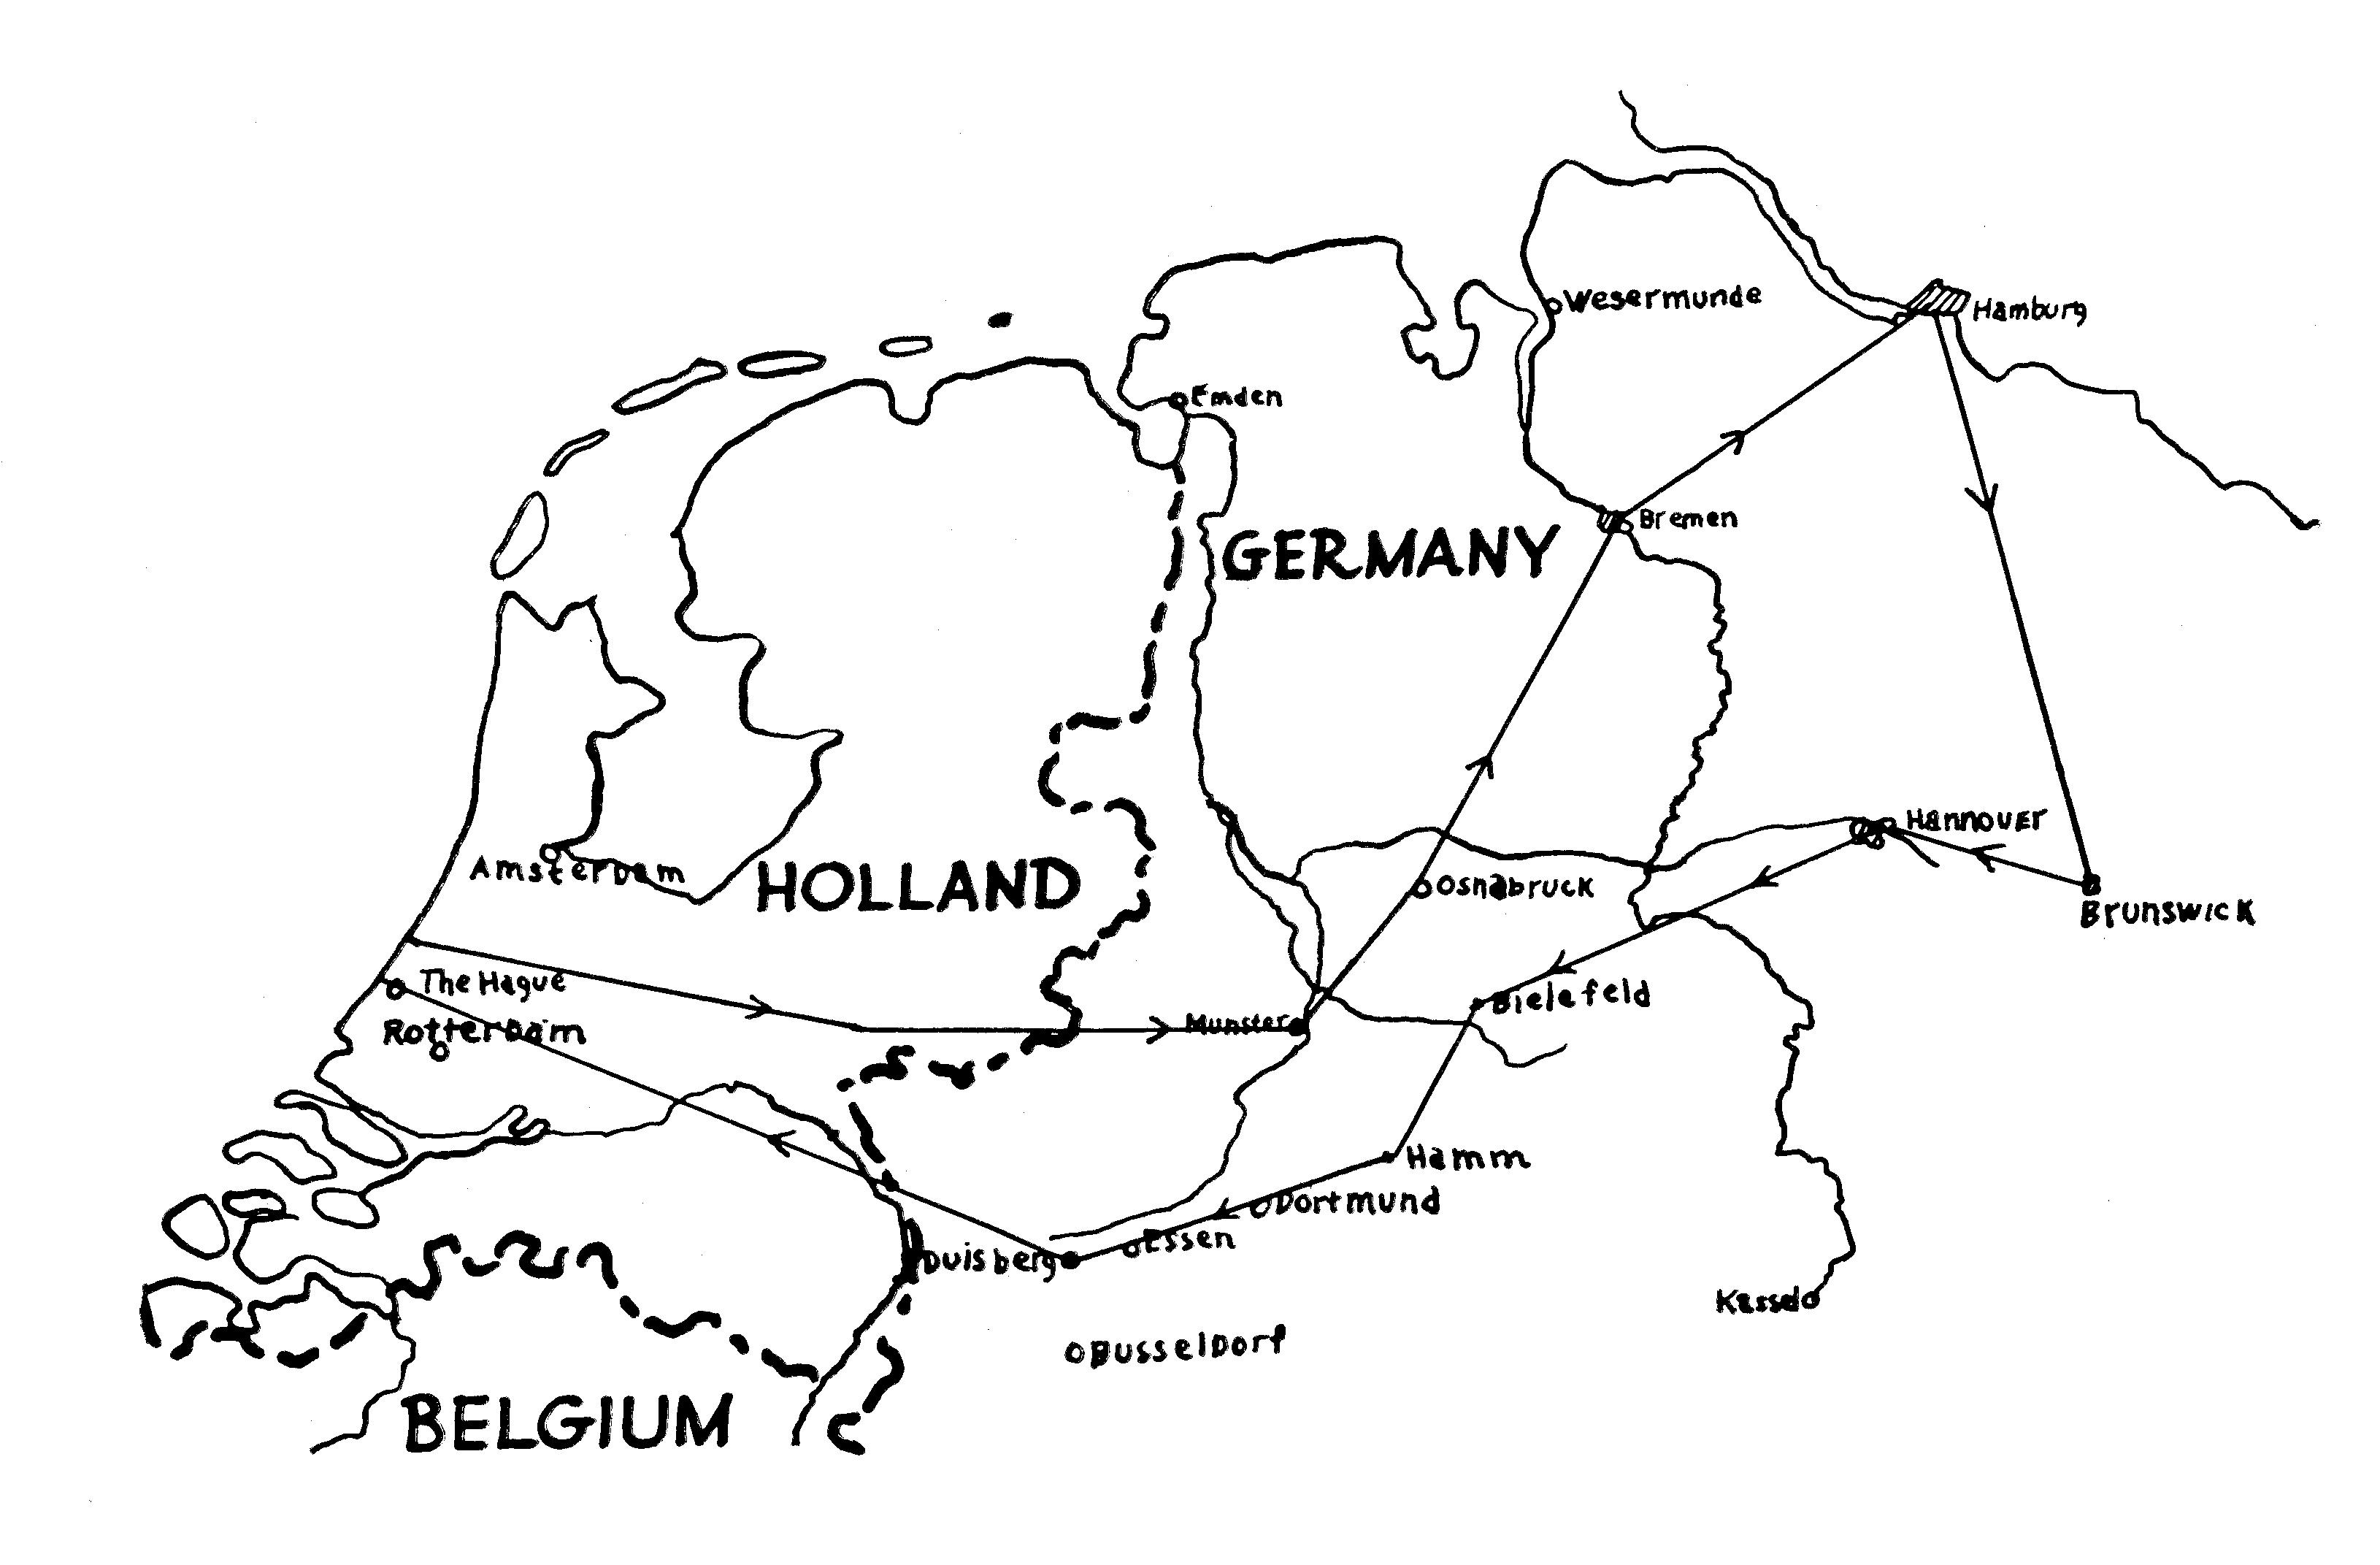 Noordelijke Vliegroute van de Trolley Mission 1945